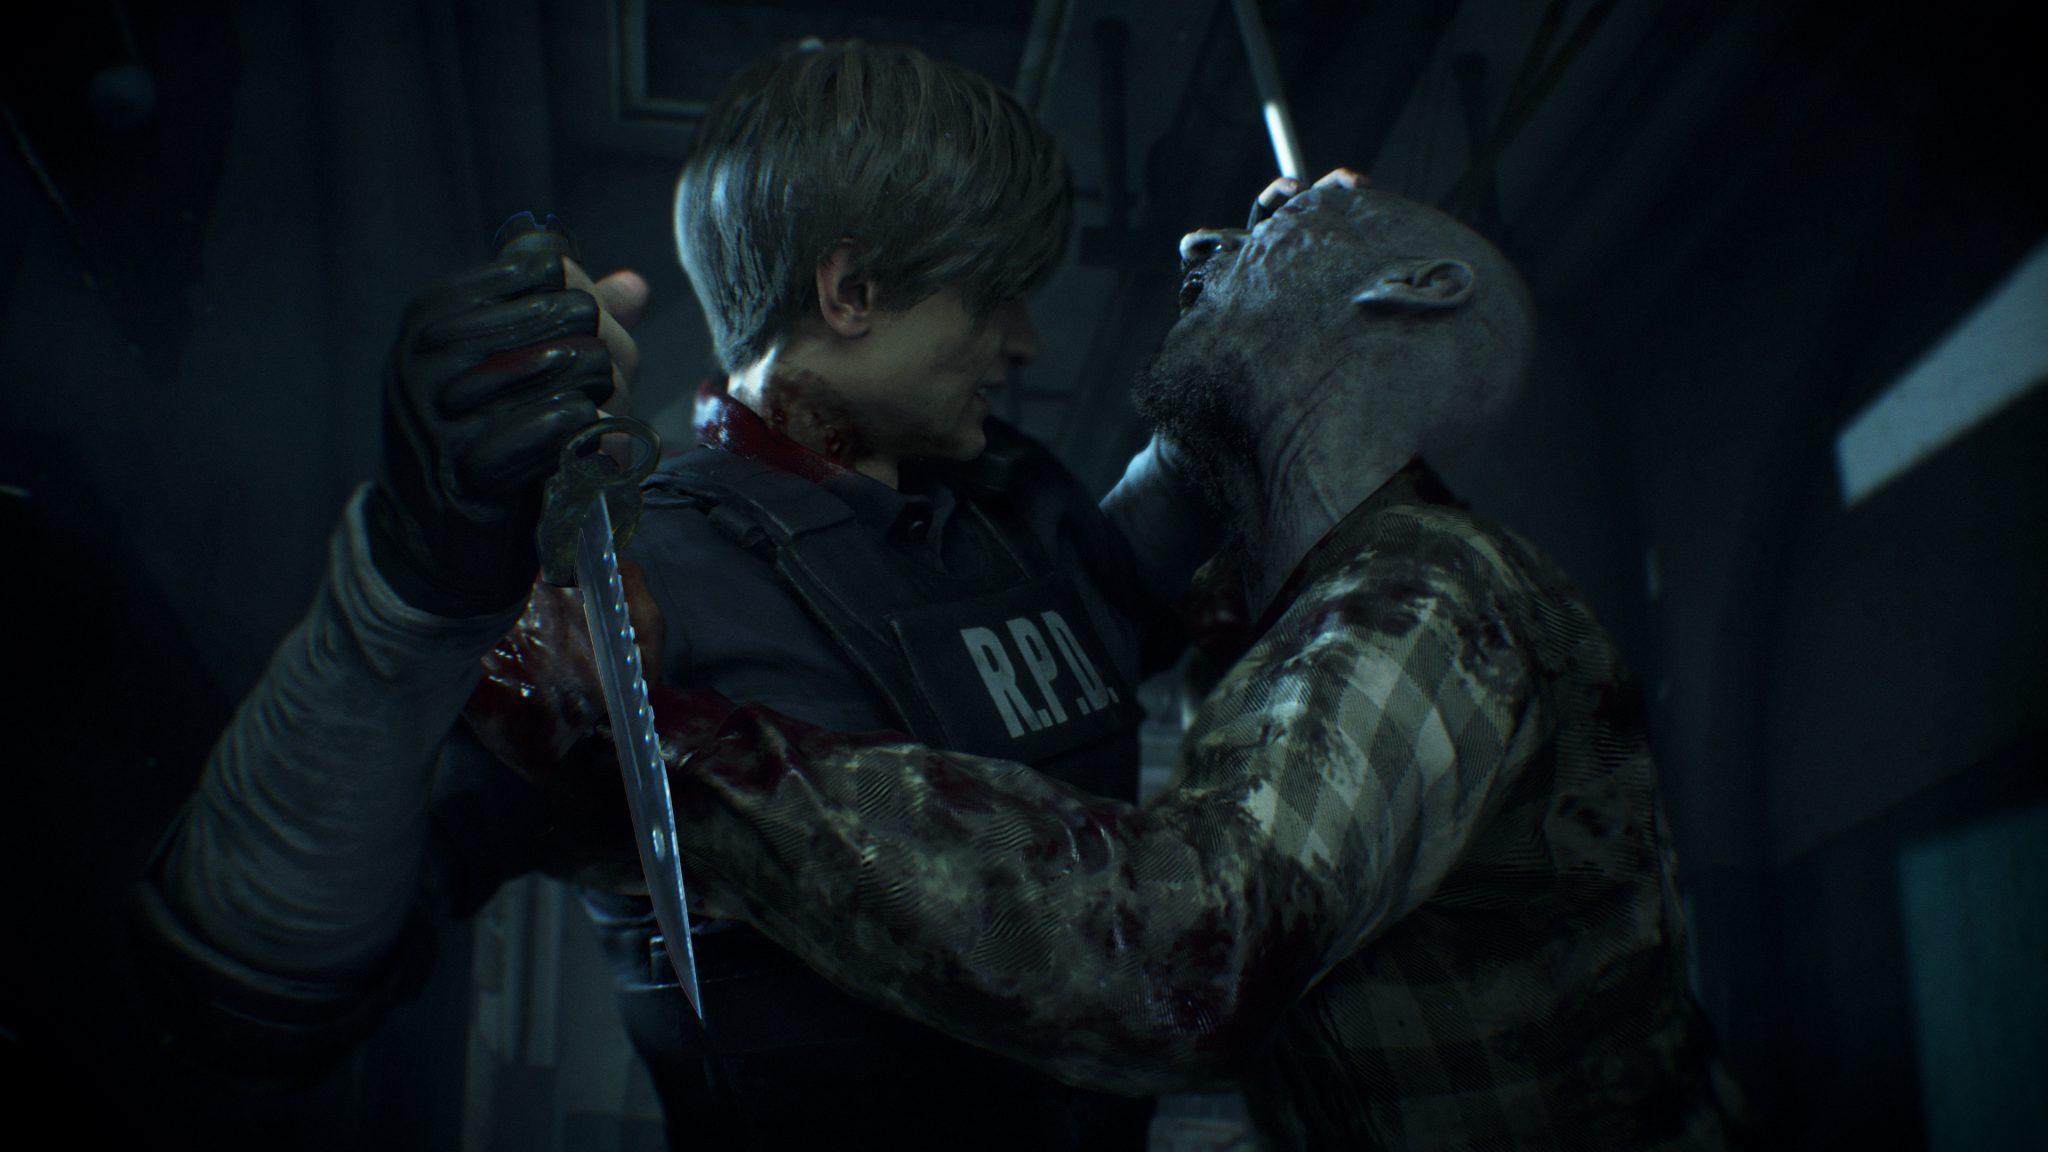 Torna Resident Evil 2 e gli zombie si rifanno il trucco!